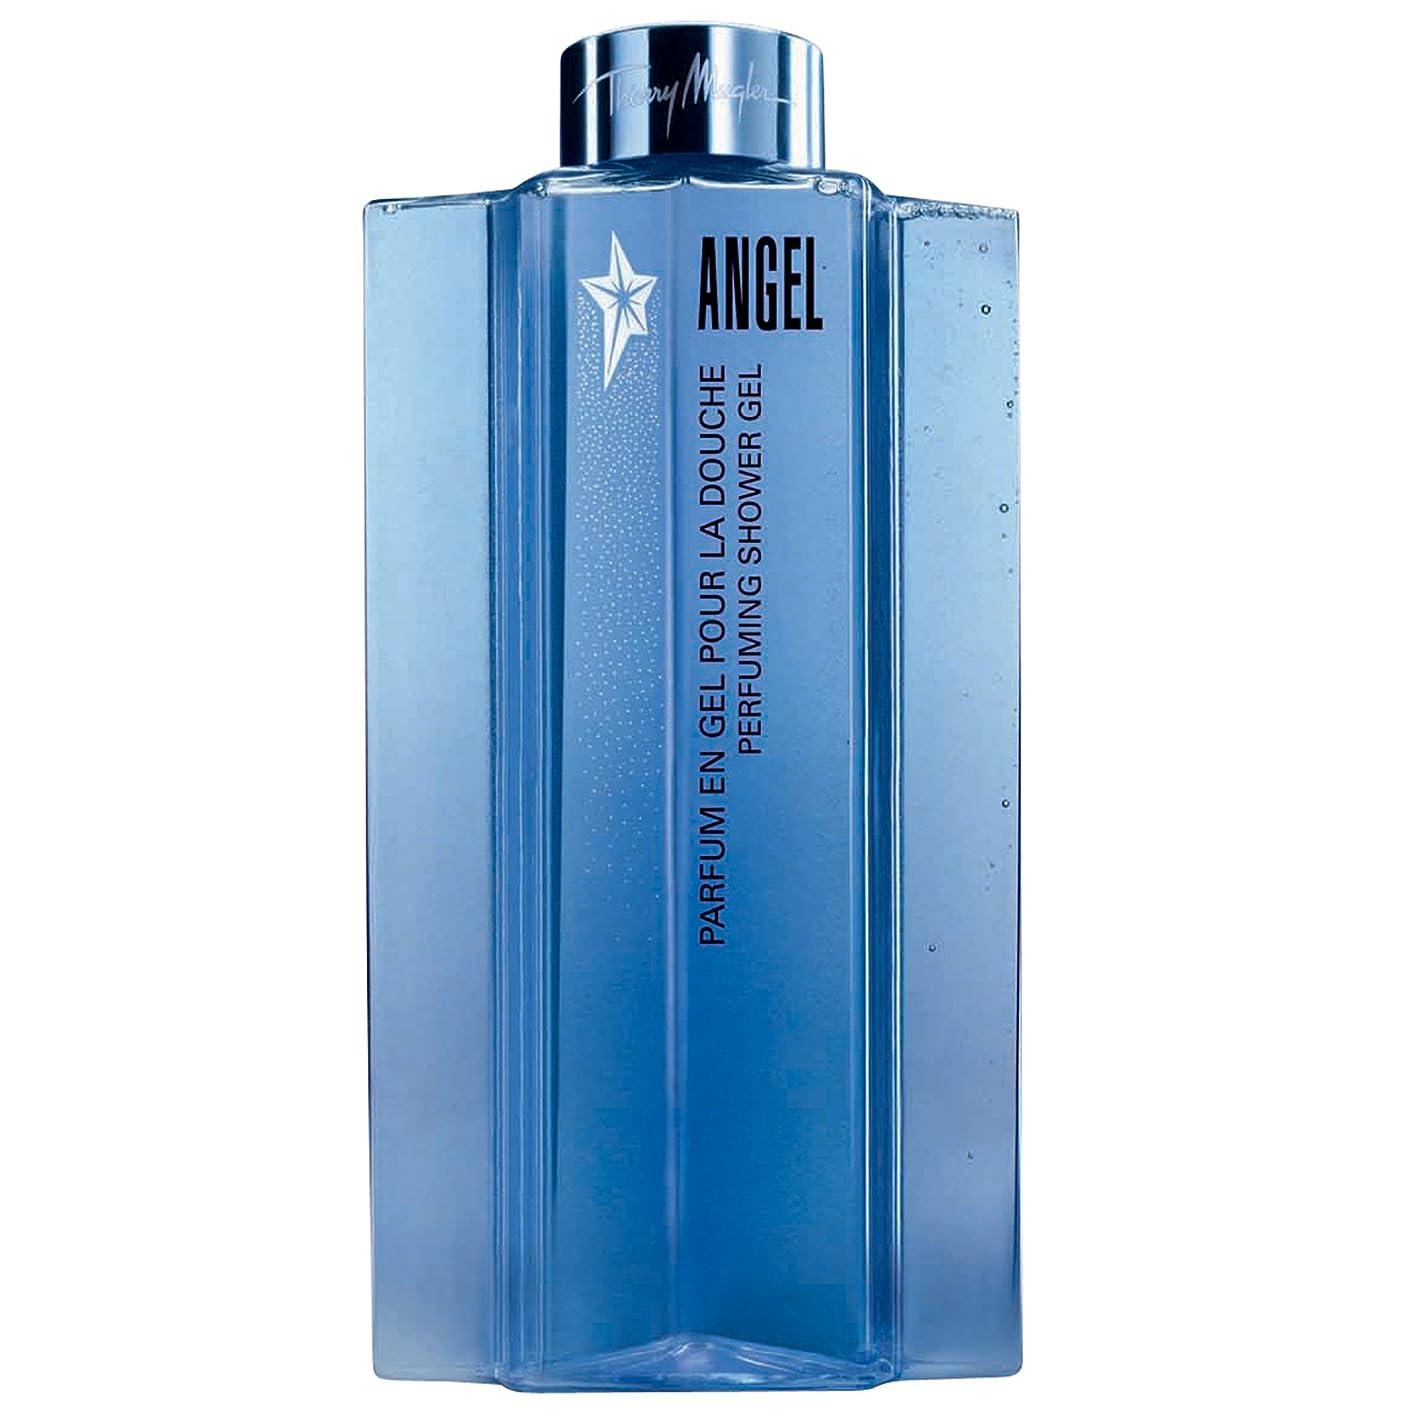 タヒチ懺悔大きさティエリー?ミュグレーの天使香料シャワージェル200ミリリットル (Thierry Mugler) (x2) - Thierry Mugler Angel Perfuming Shower Gel 200ml (Pack of 2) [並行輸入品]